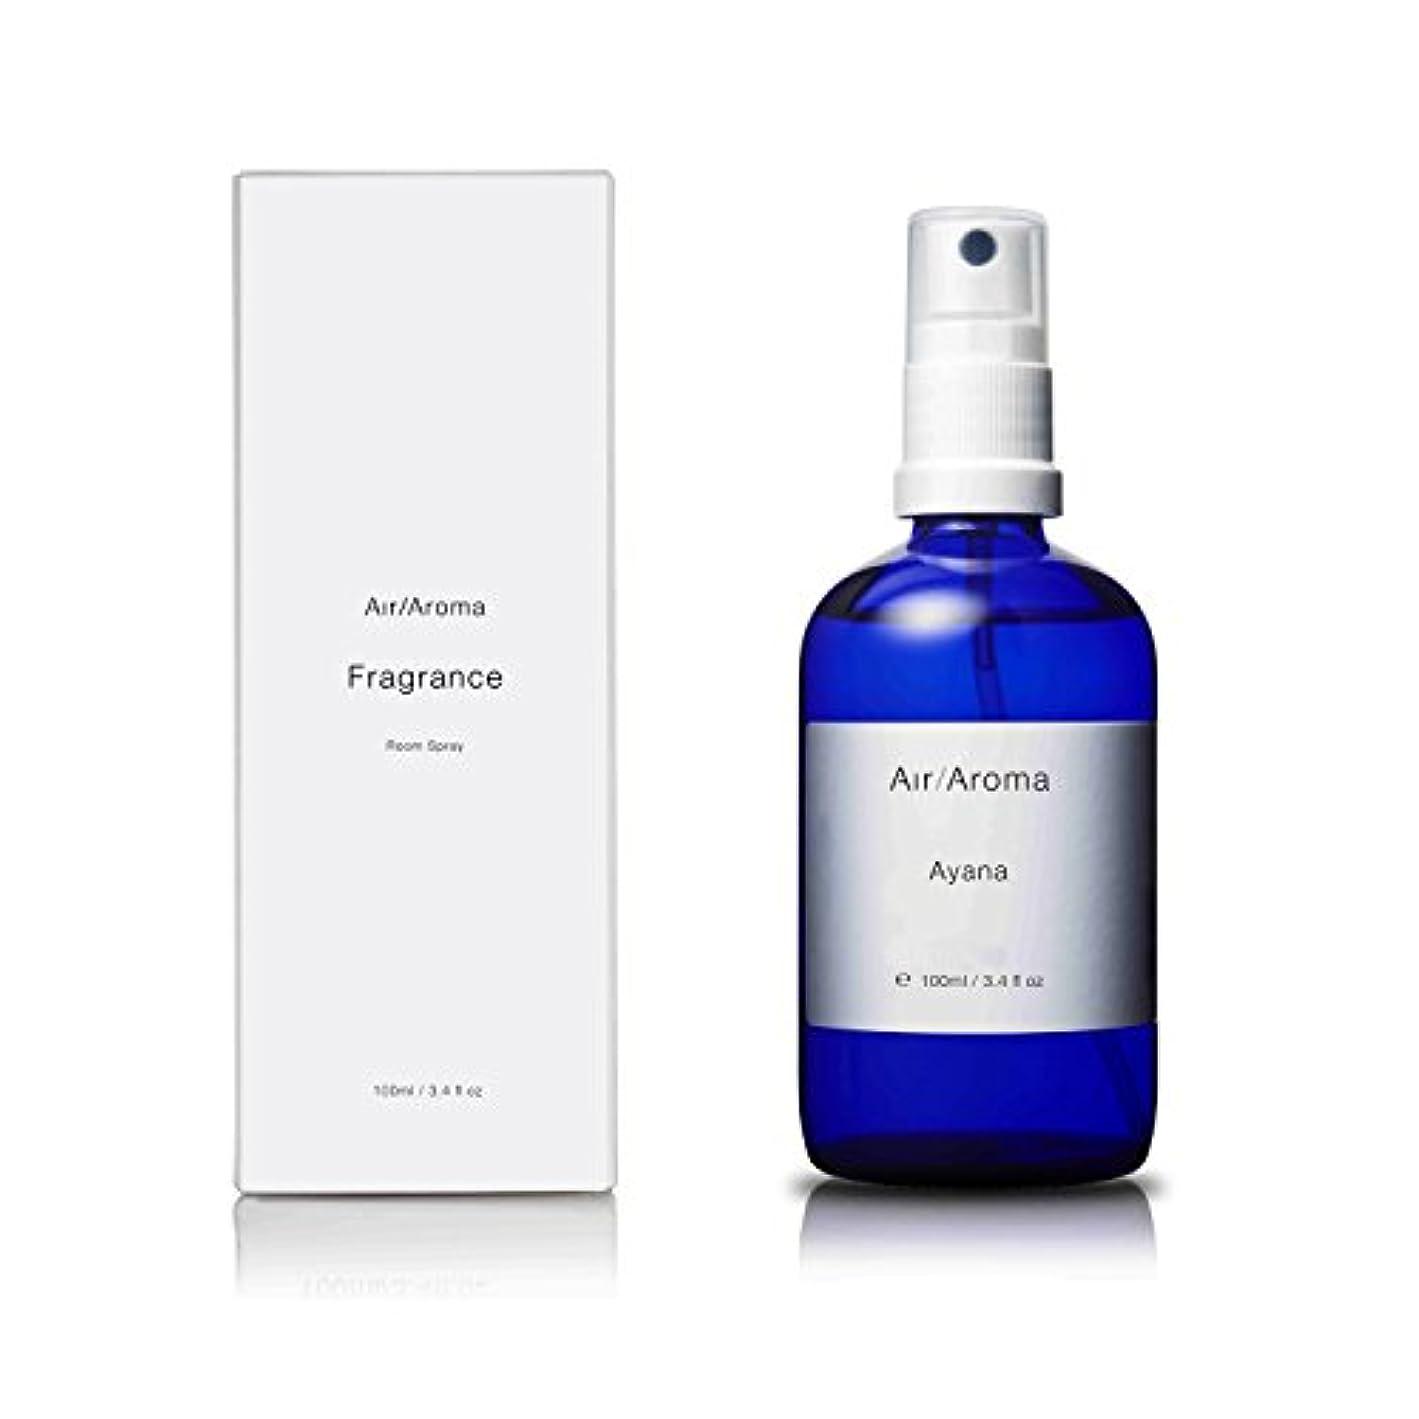 それぞれペグウェブエアアロマ ayana room fragrance (アヤナ ルームフレグランス) 100ml